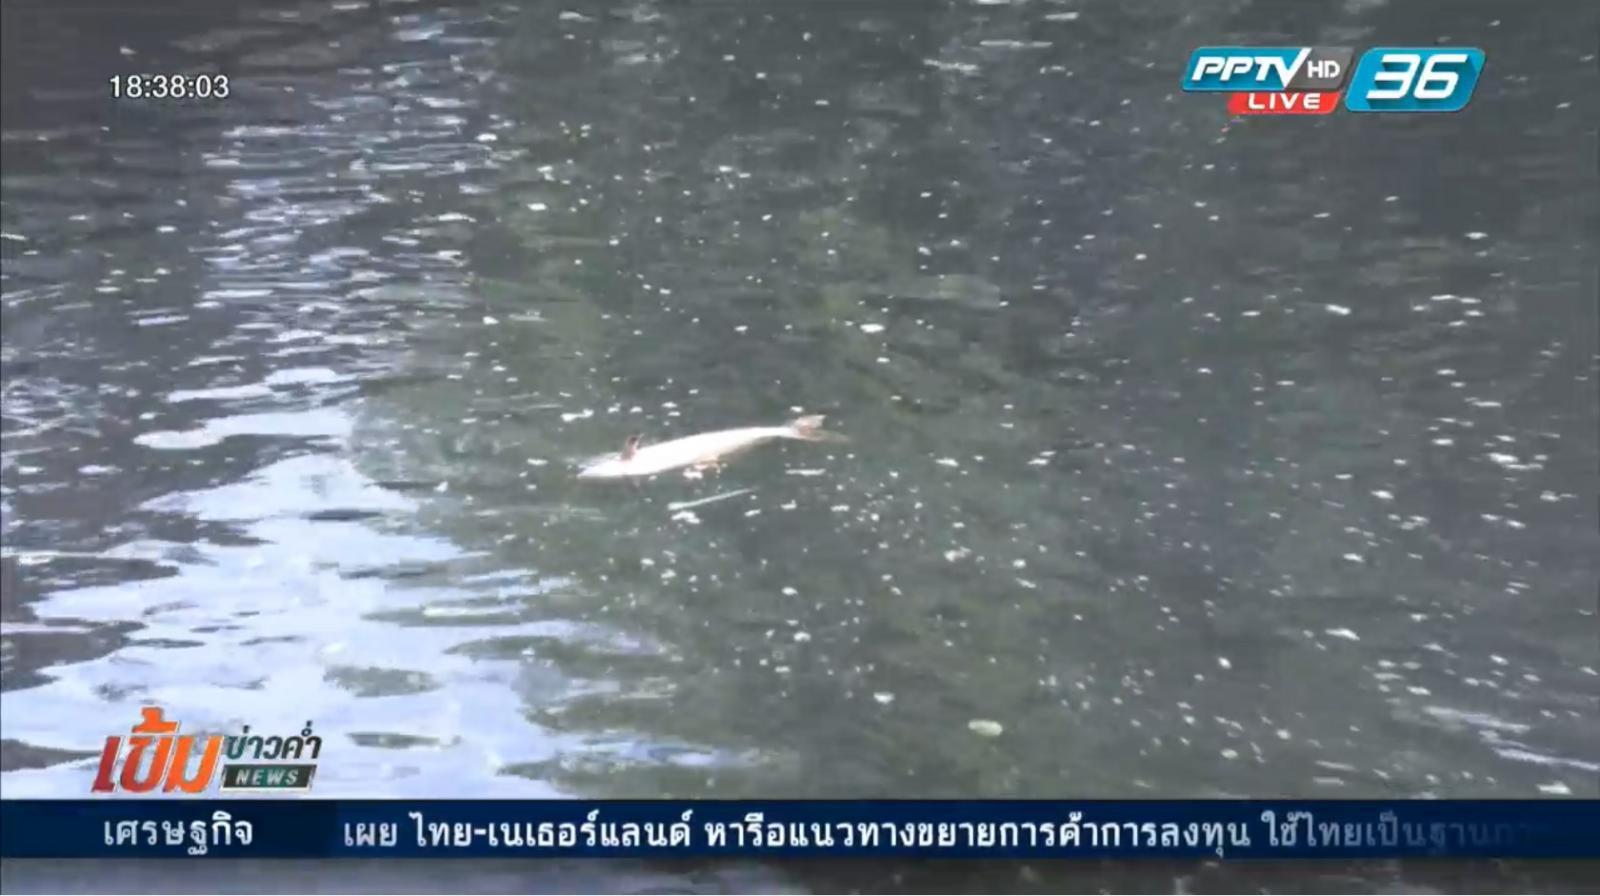 ตรวจสอบสาเหตุน้ำเน่าเสีย-ปลาตาย คลองรังสิตฯ